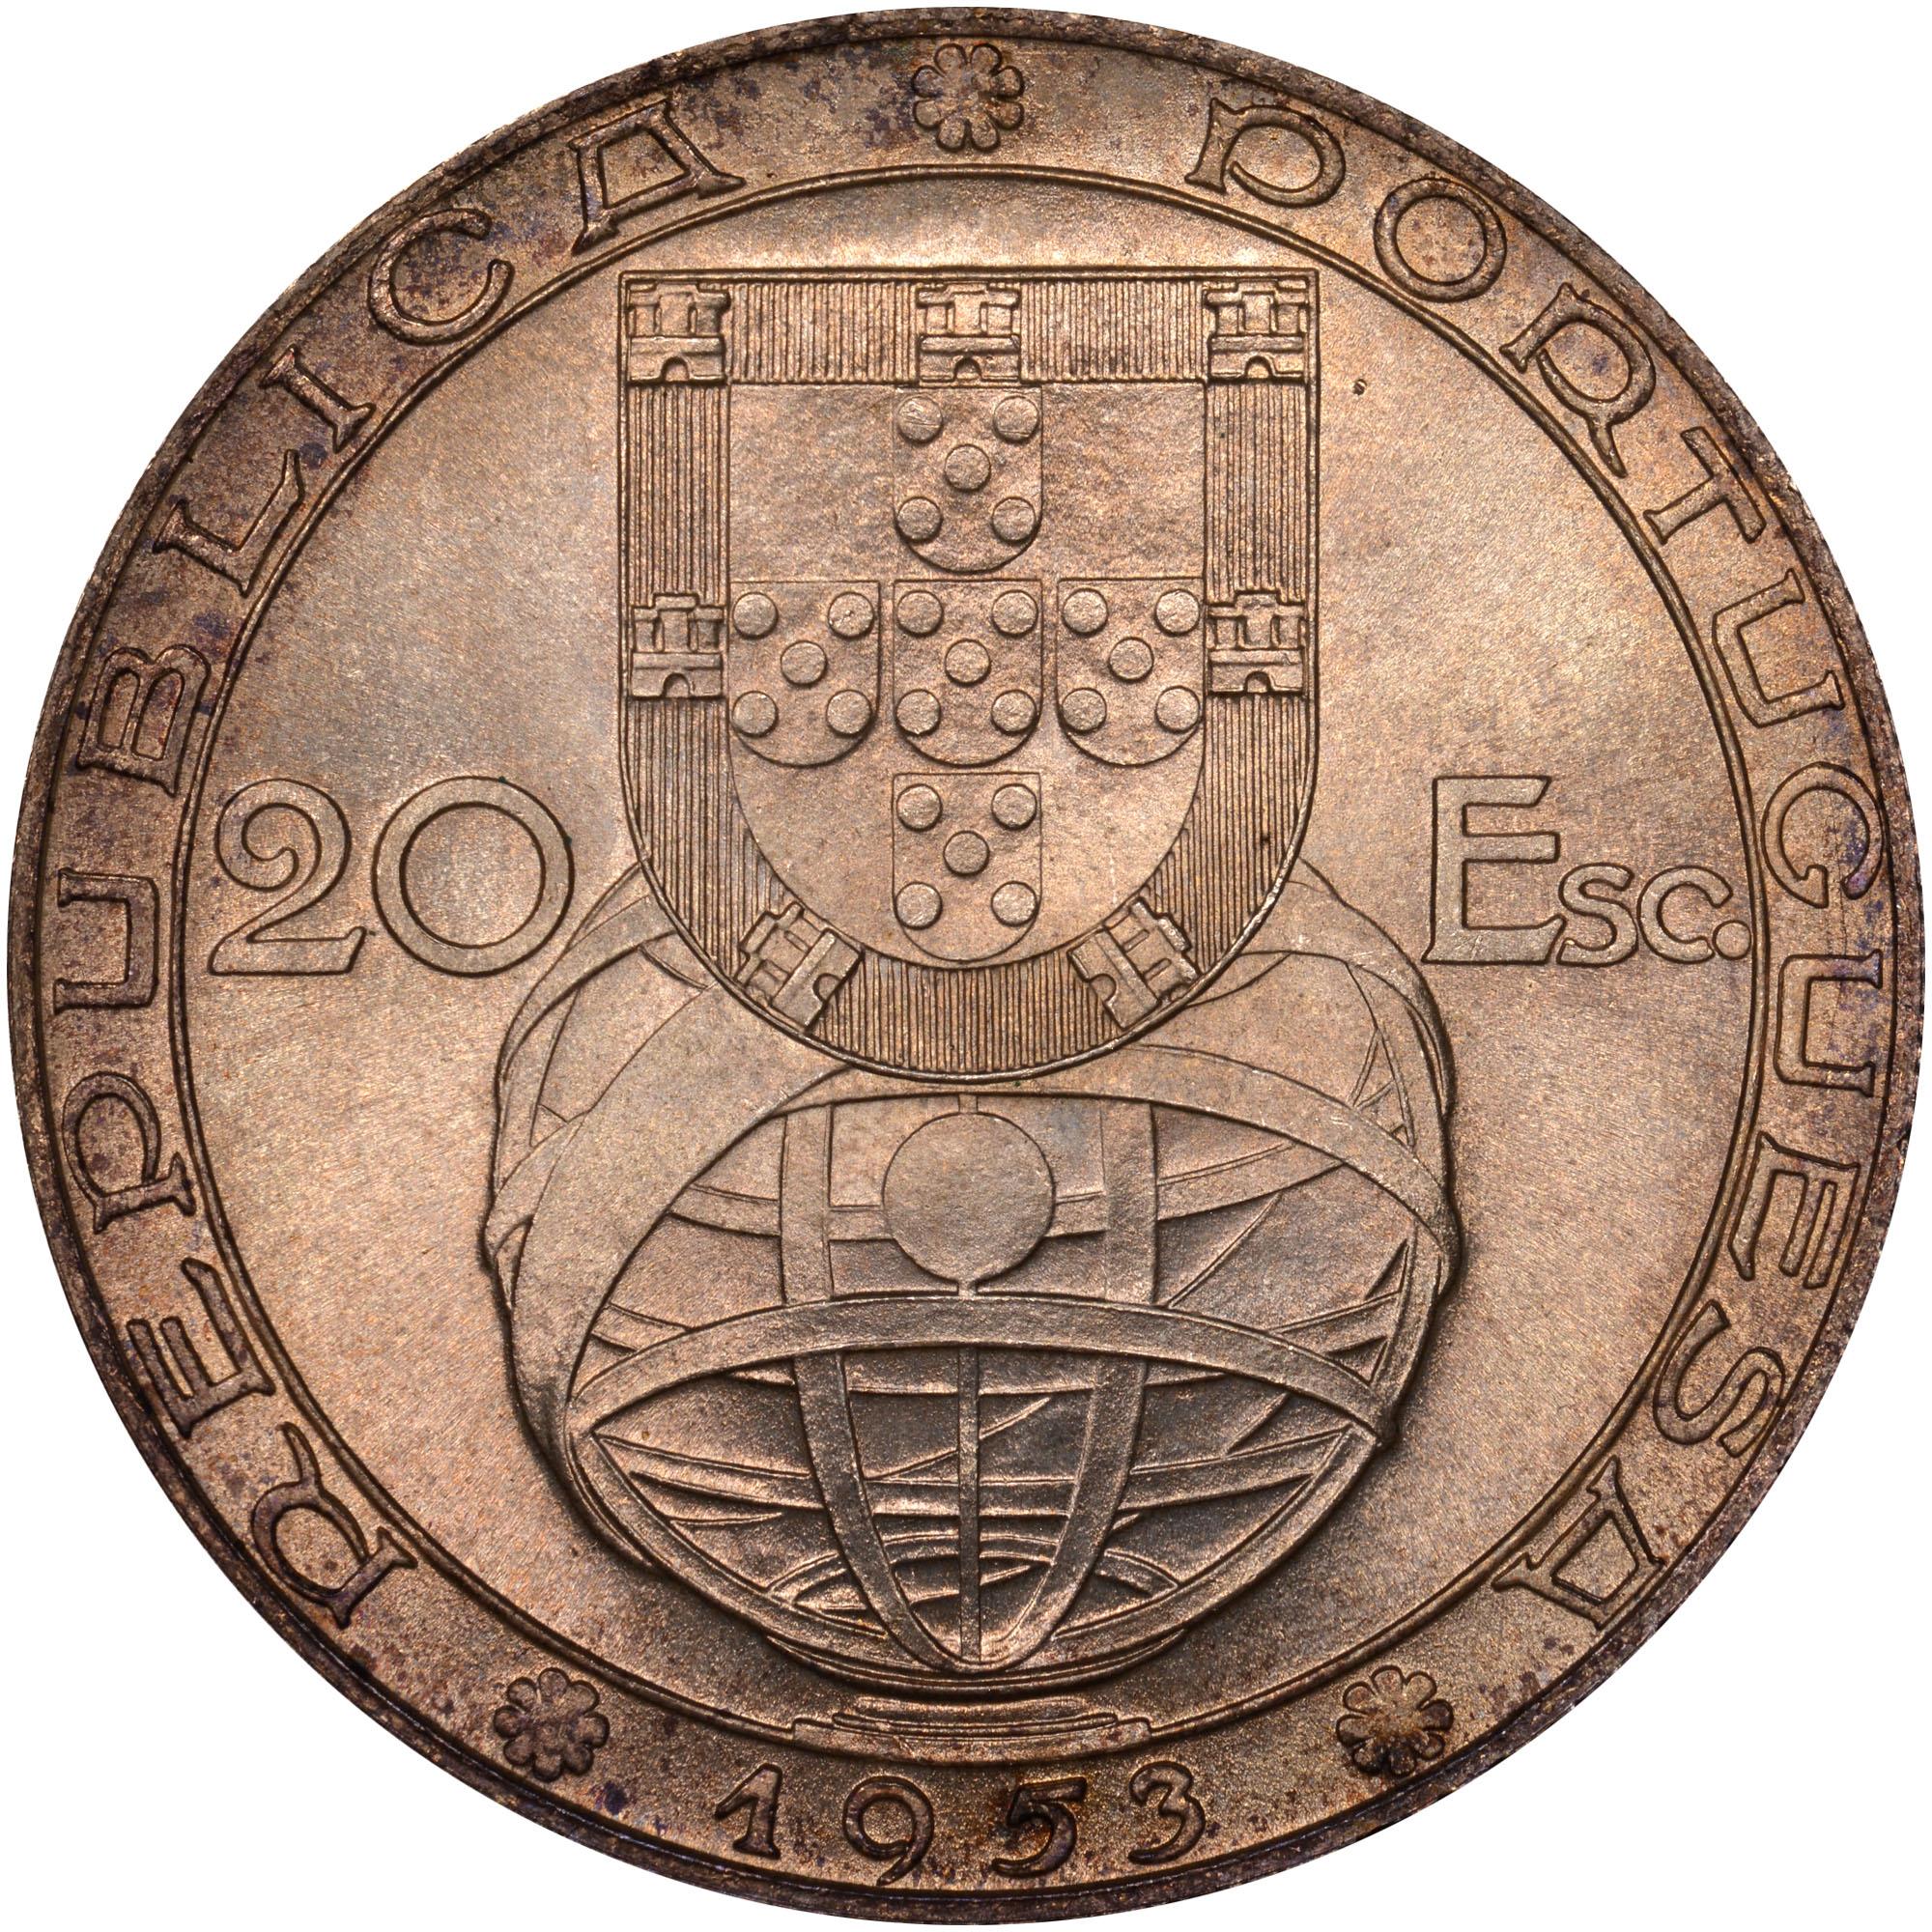 1953 Portugal 20 Escudos obverse